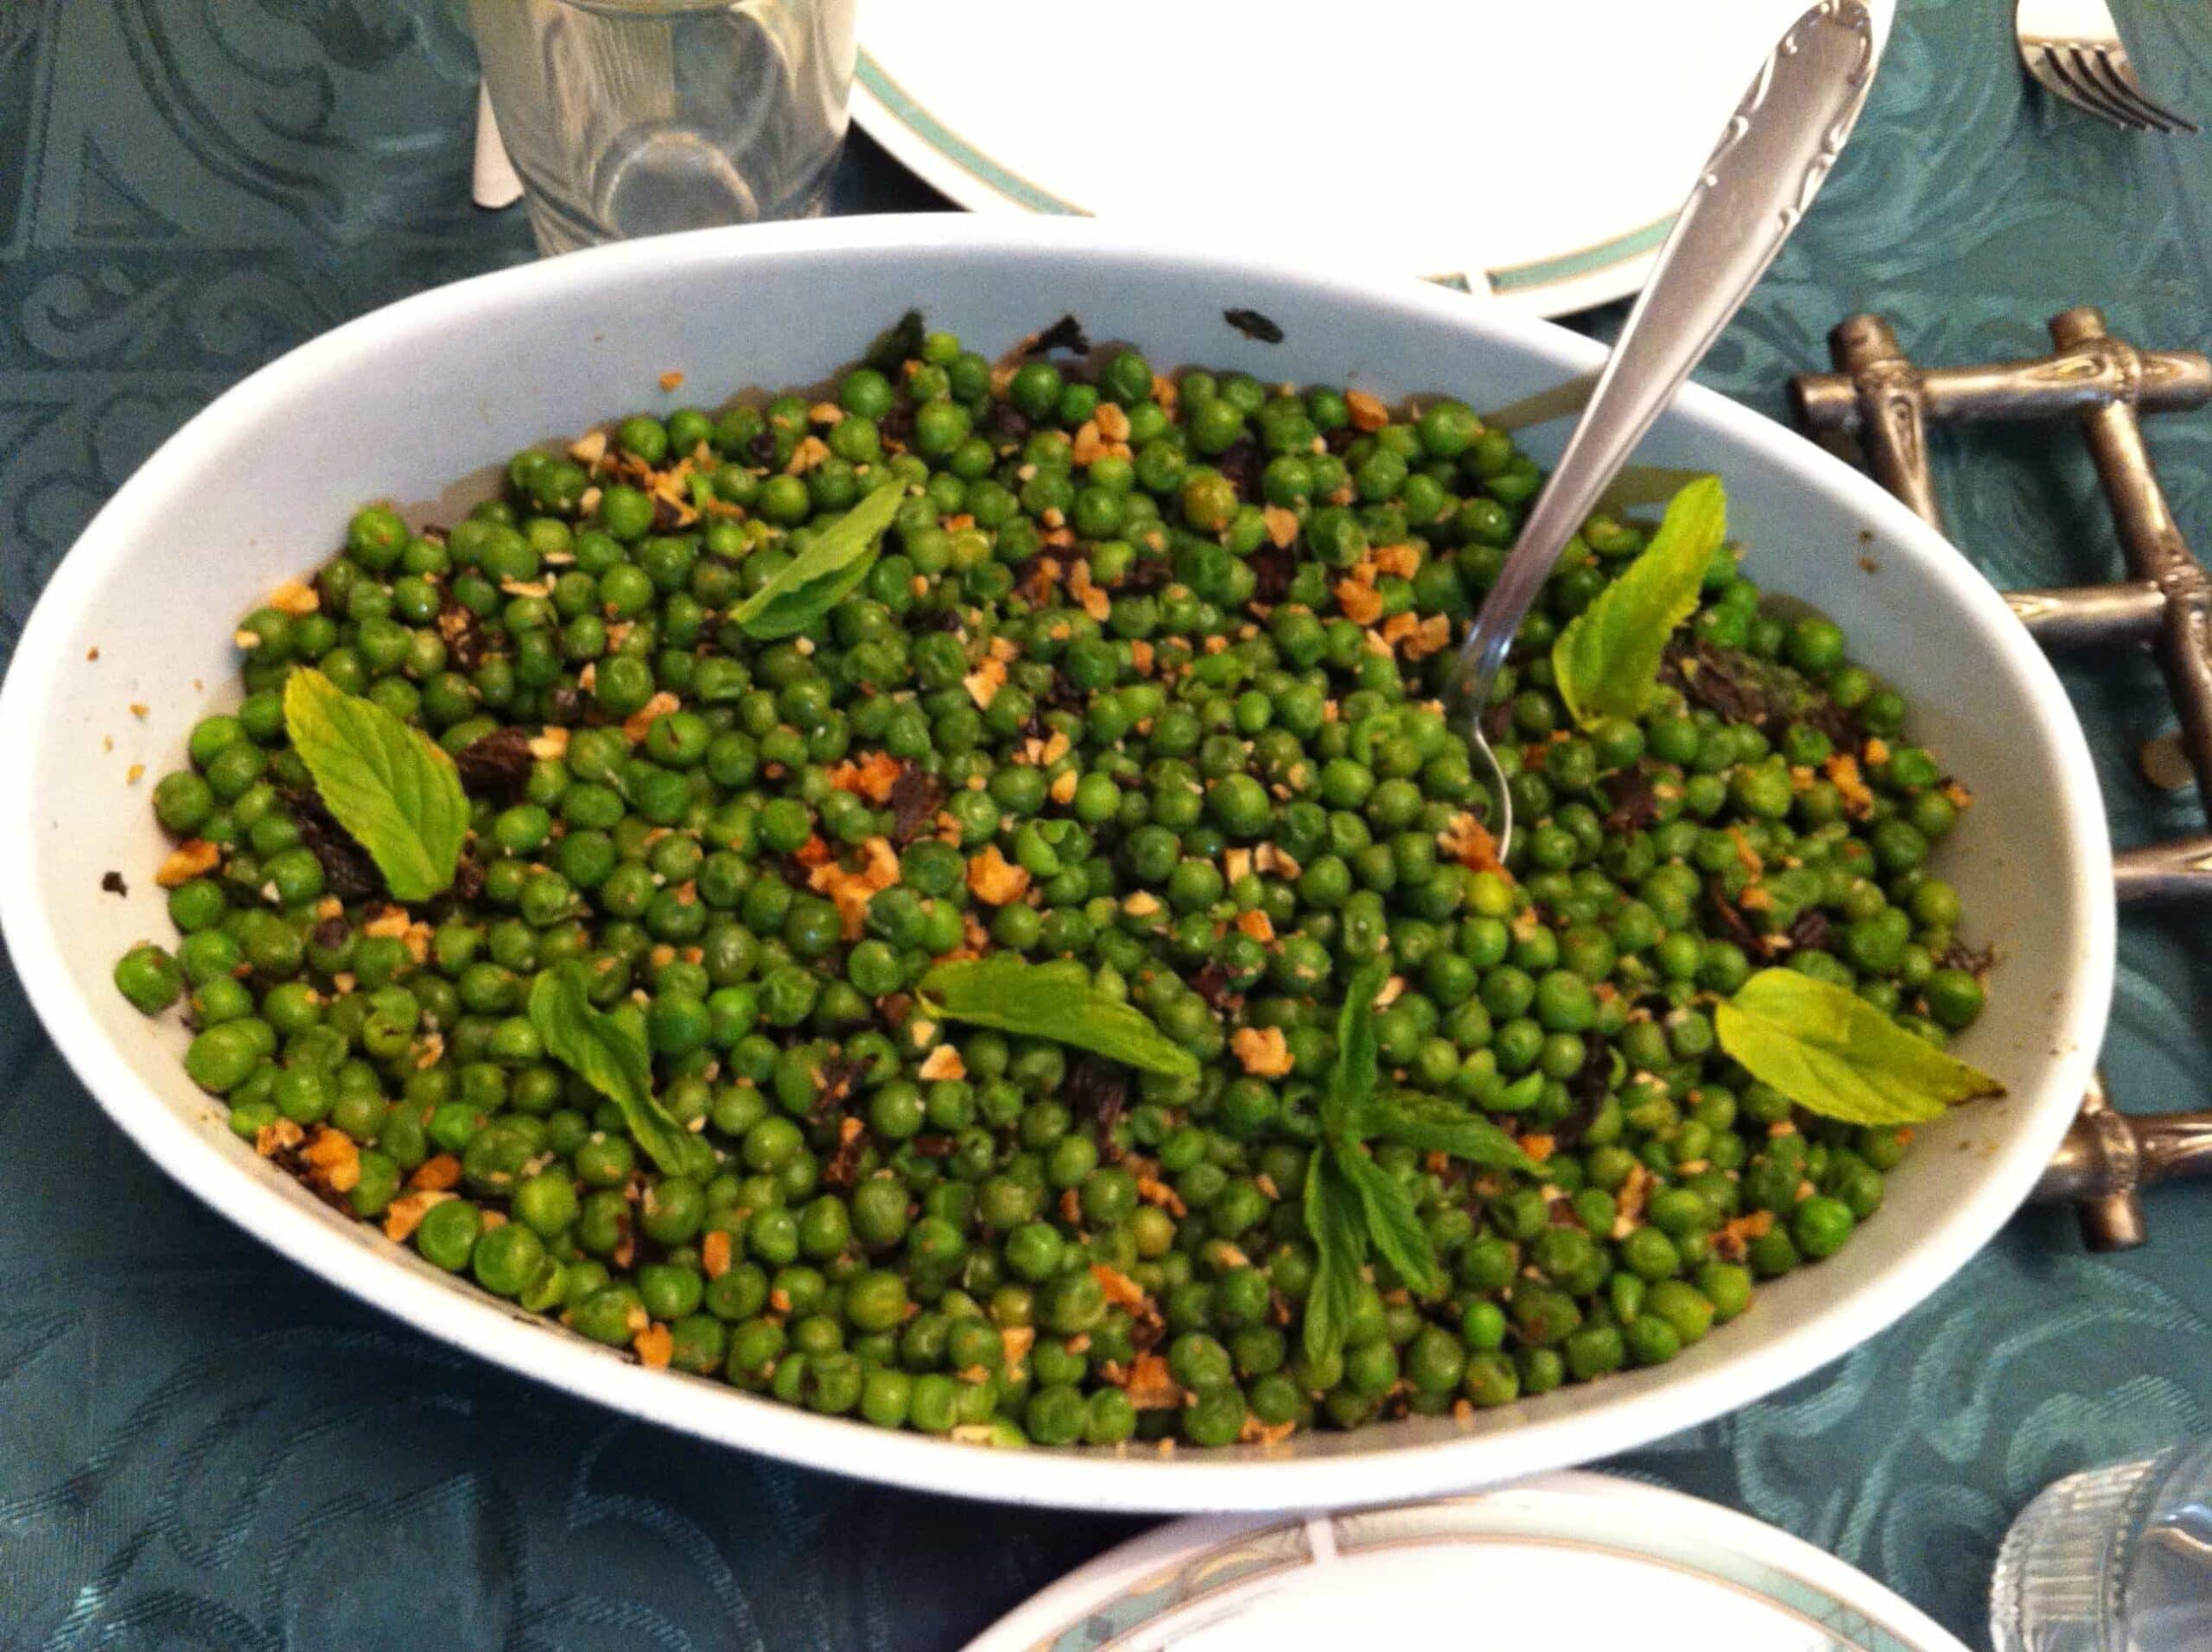 איך נפיק את המקסימום מהאוכל הטבעוני שלנו? 2